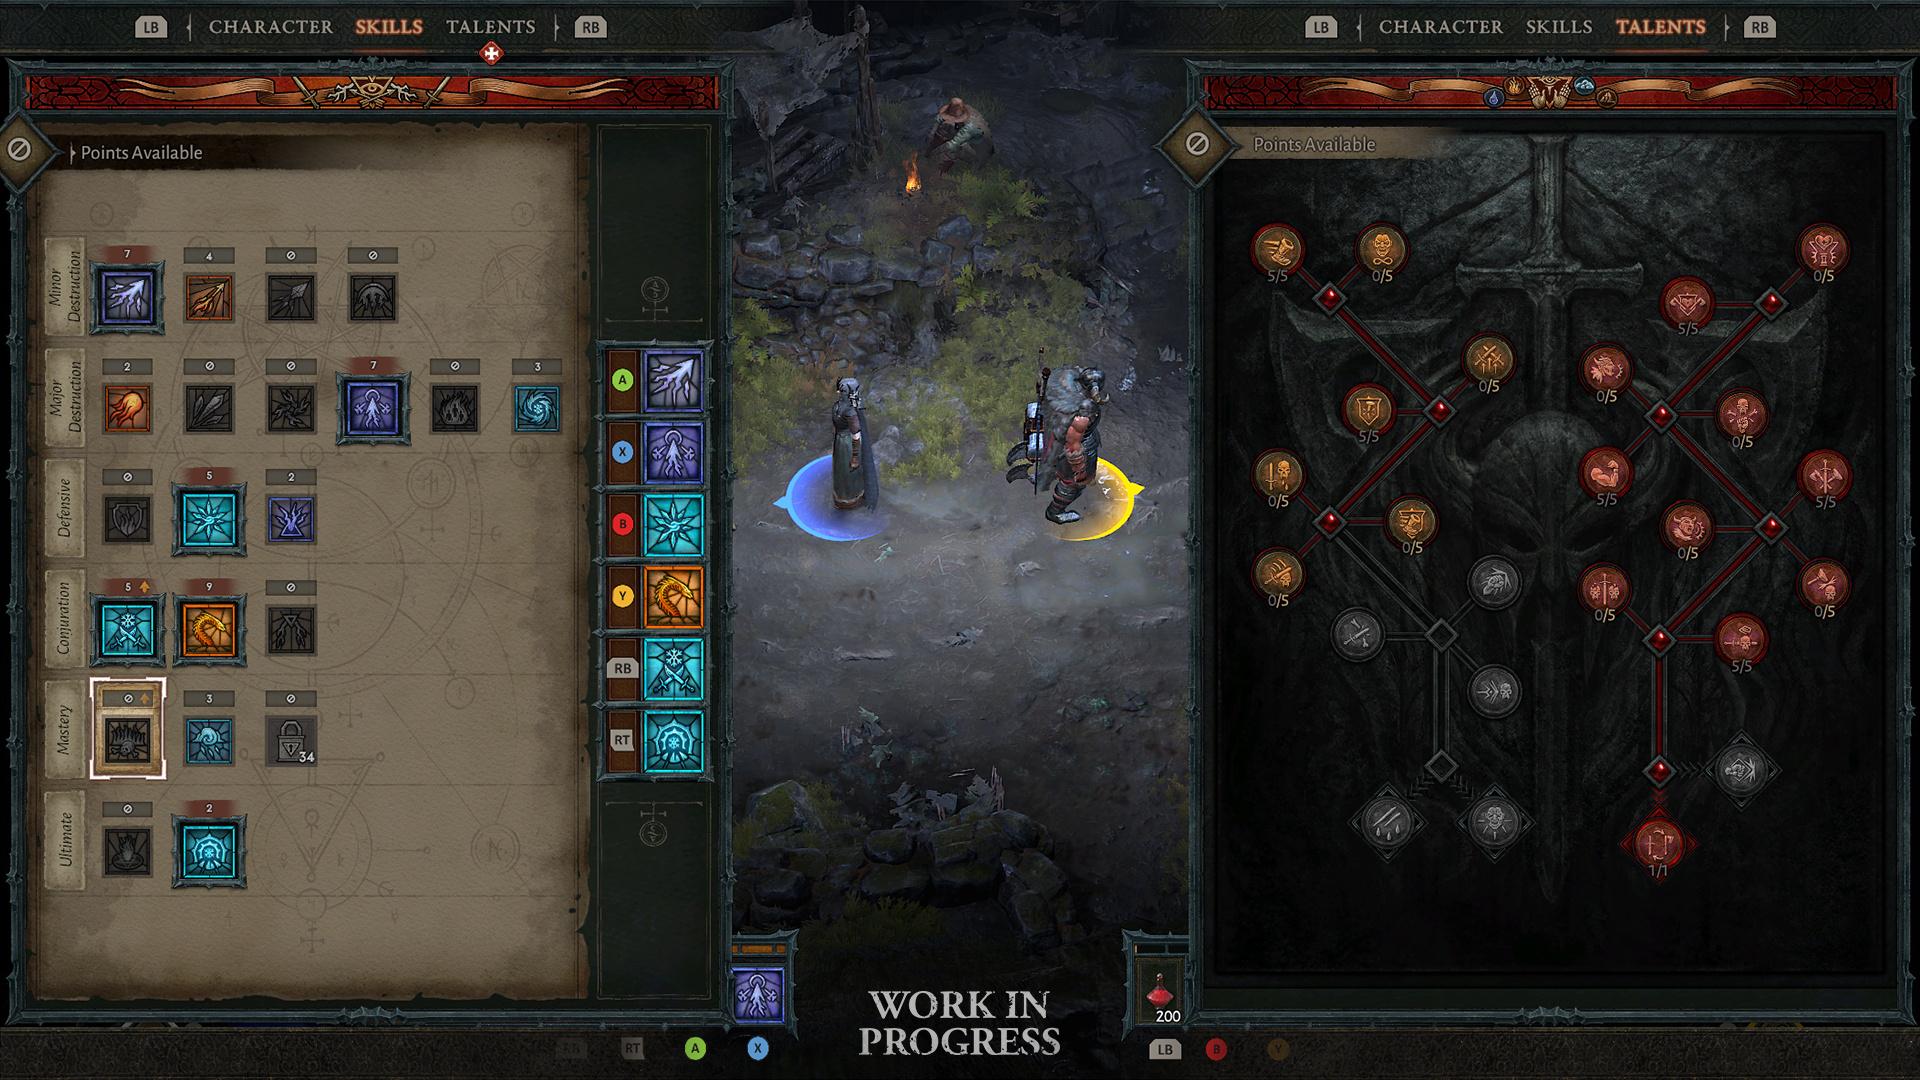 Spieler können das Interface im Koop-Modus unabhängig voneinander bedienen